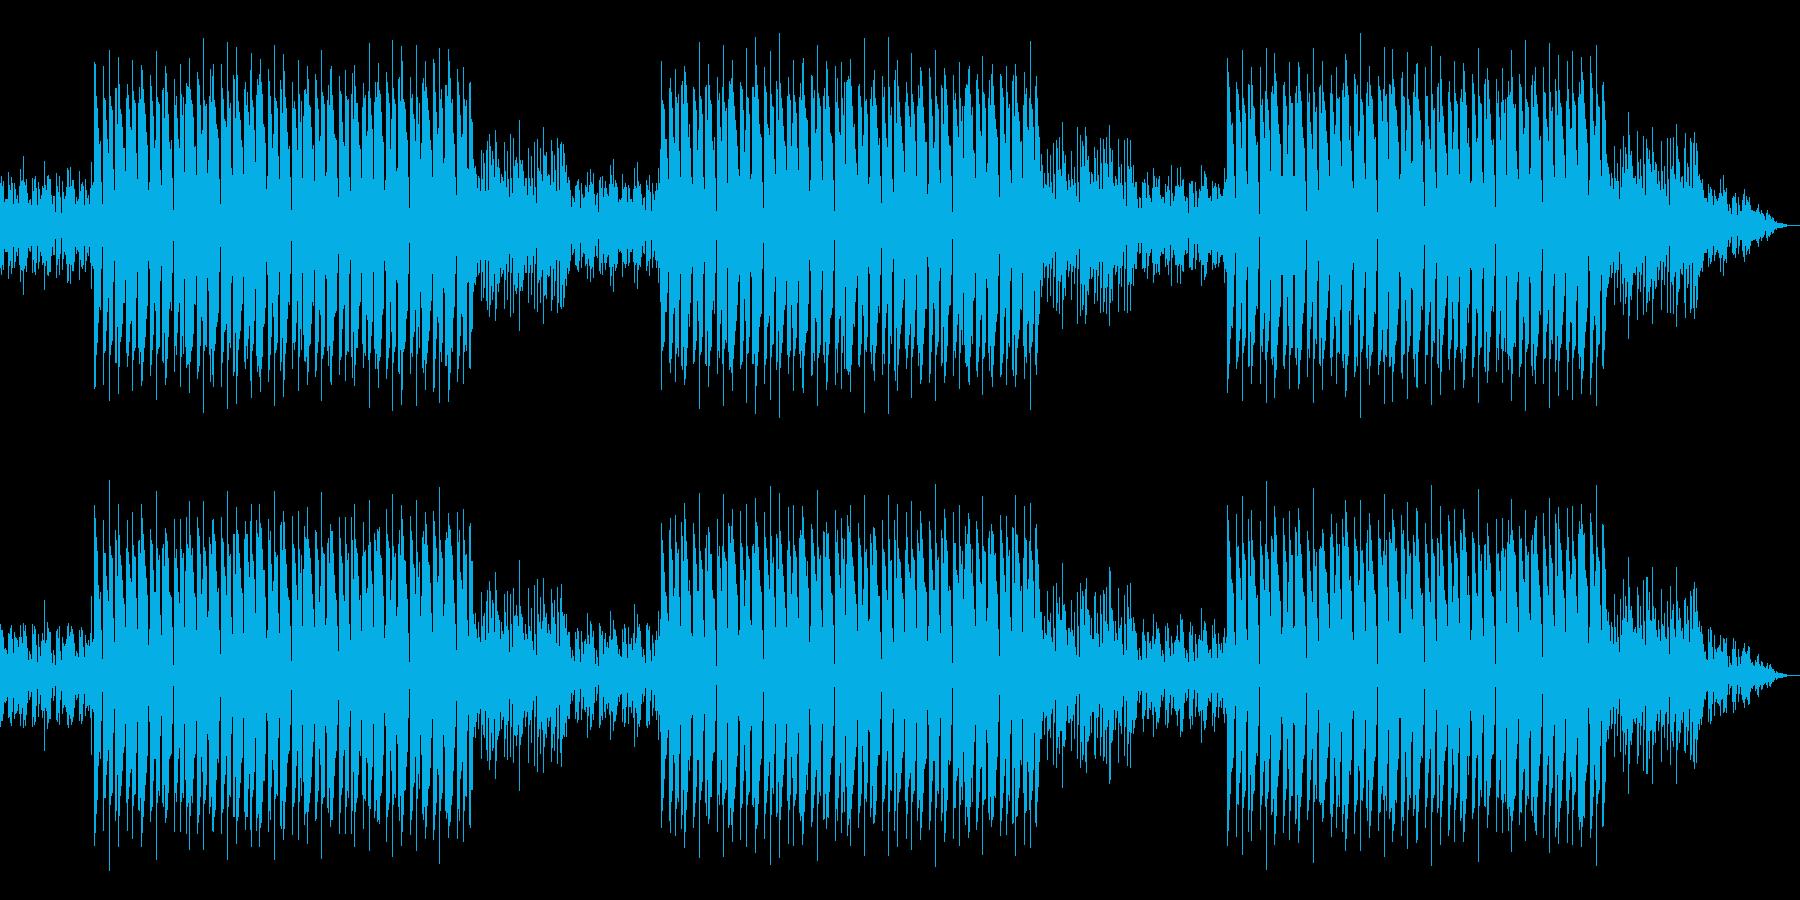 自然と体が揺れるヒップホップBGMの再生済みの波形